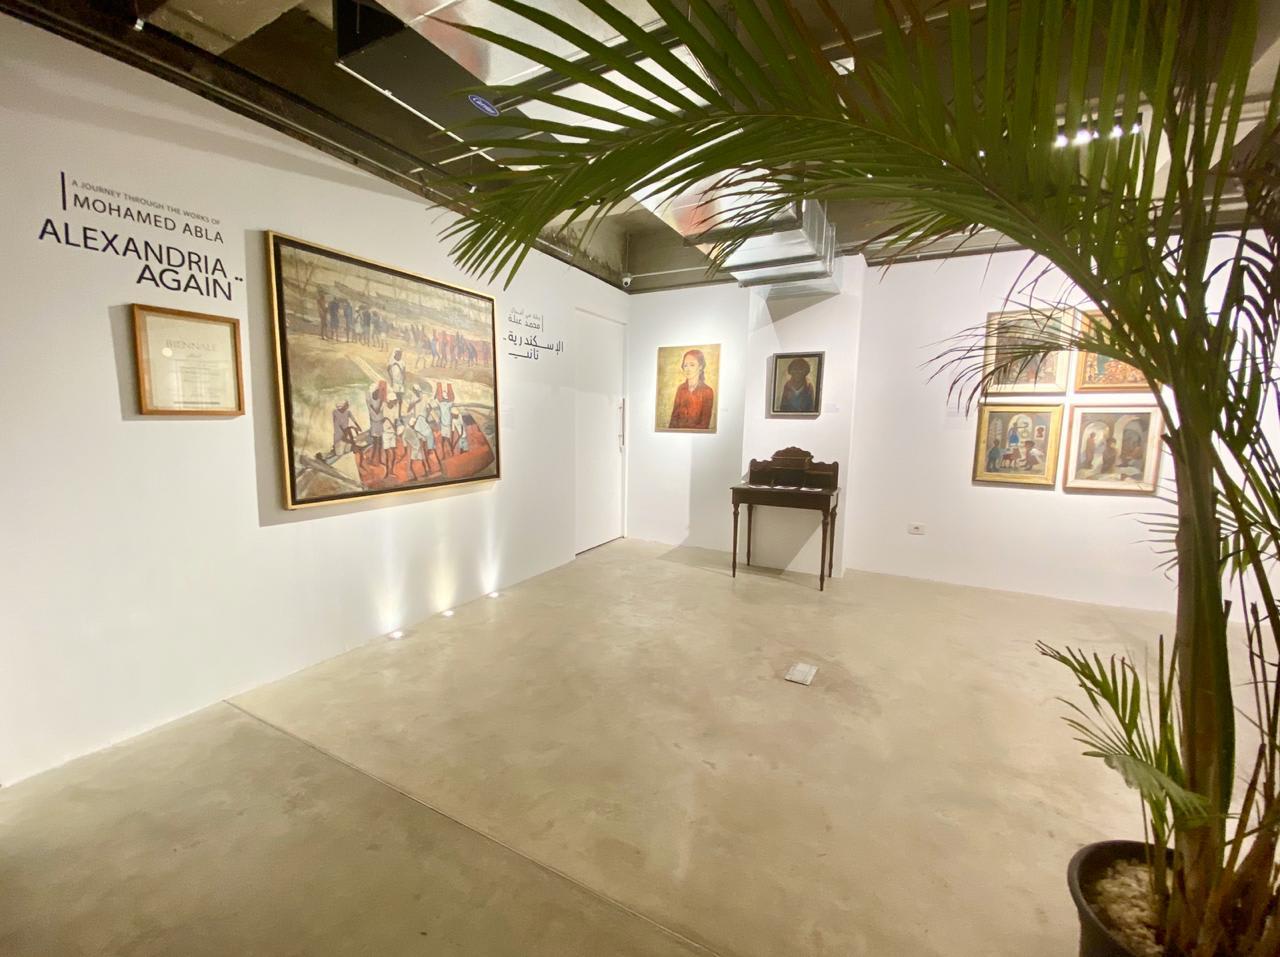 في مصر.. ملجأ متهالك من الحرب العالمية الثانية يتحول لمساحة حاضنة للفن